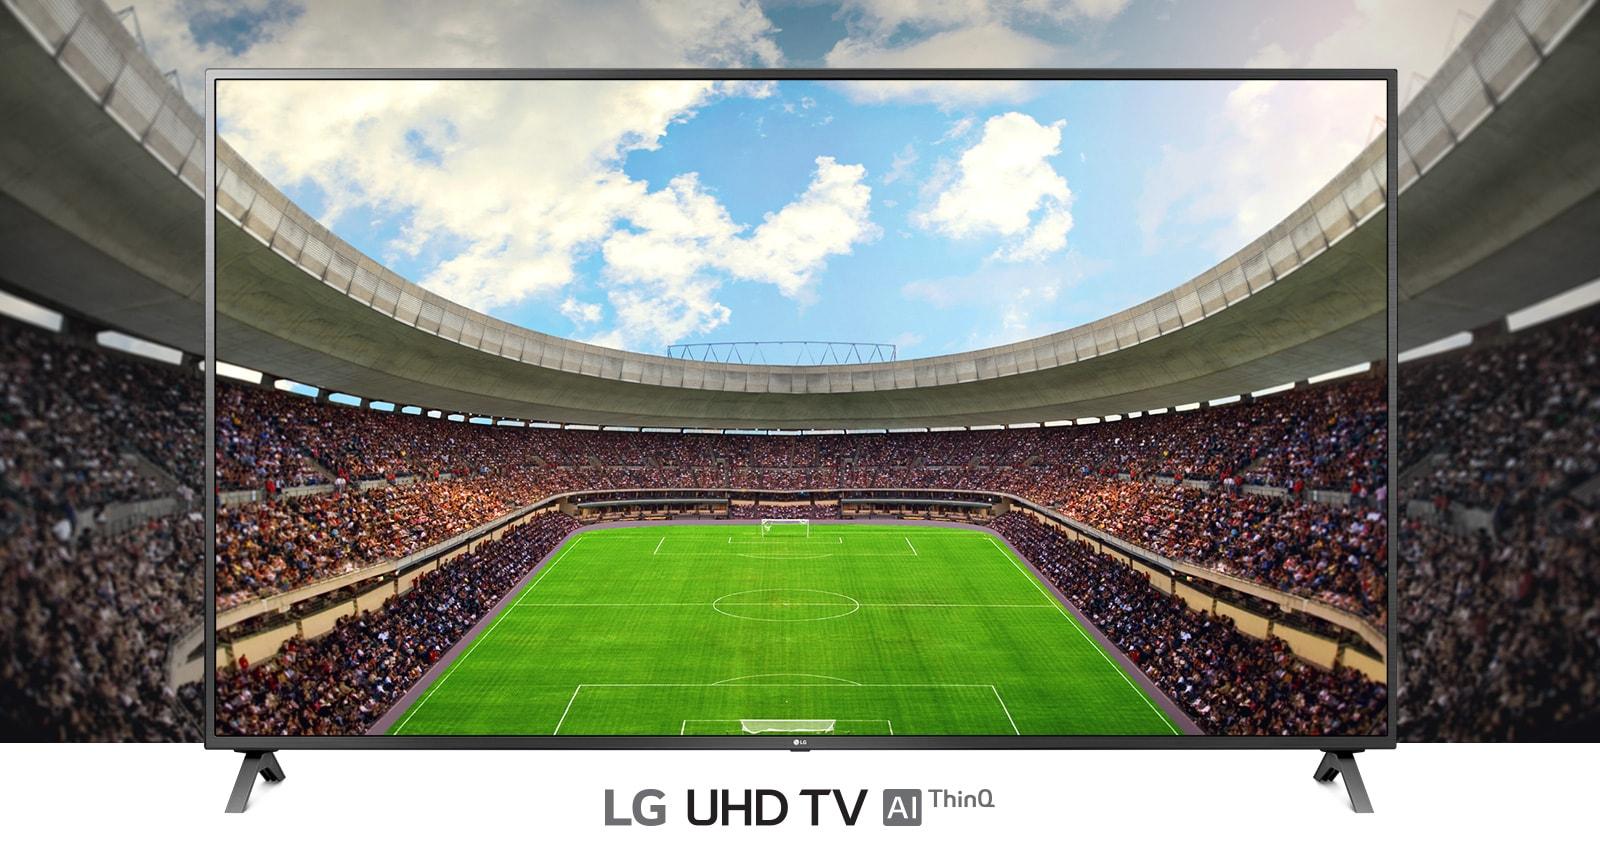 Μια πανοραμική λήψη ενός γηπέδου ποδοσφαίρου γεμάτου με θεατές που εμφανίζεται μέσα σε ένα δεύτερο κάδρο τηλεόρασης.